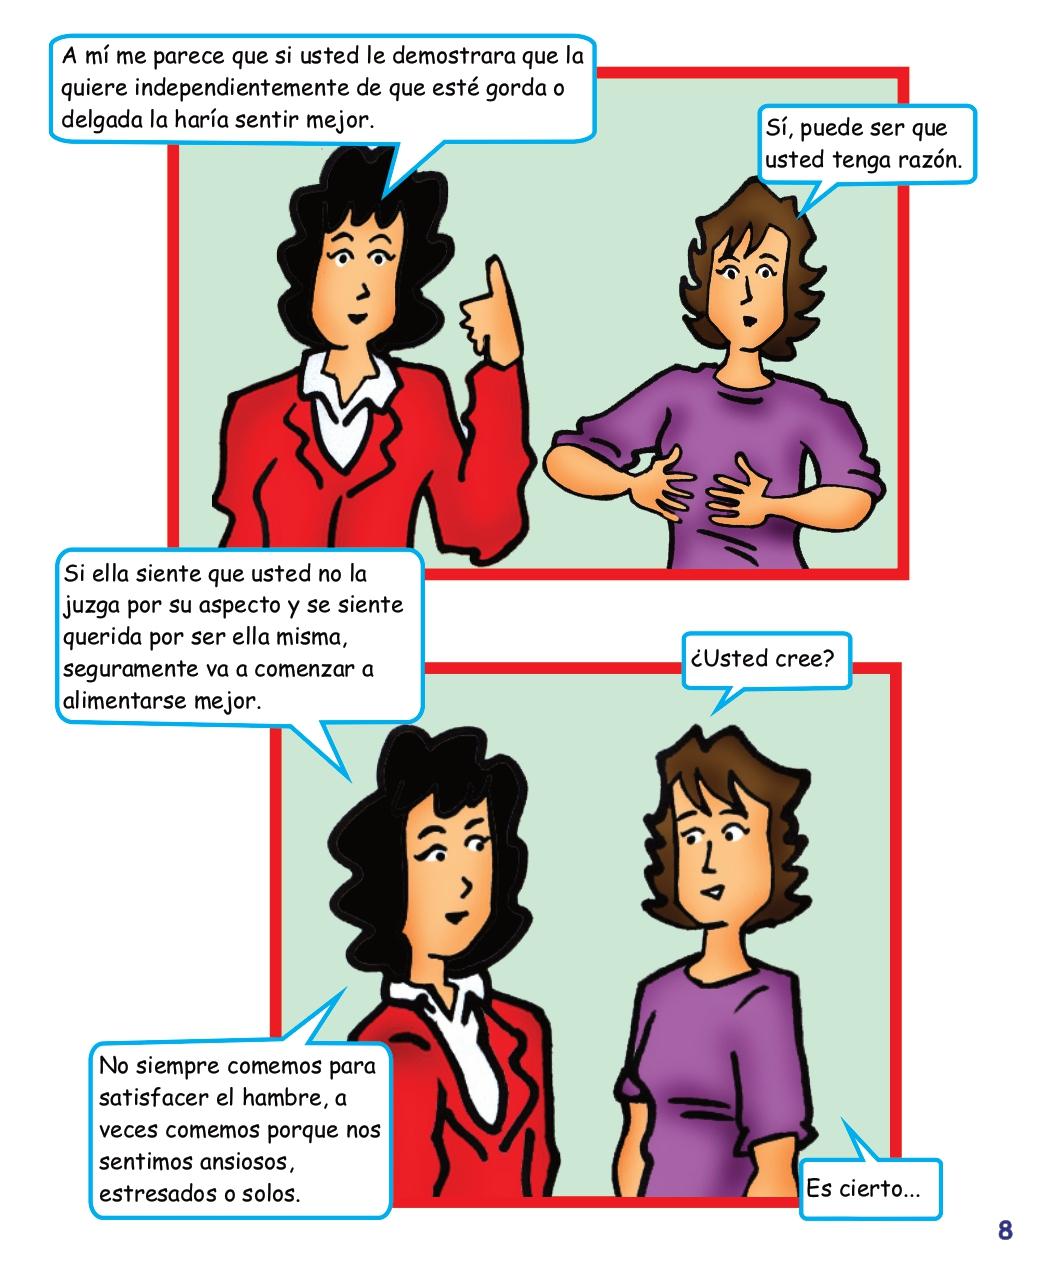 Psicología padres Reyhan cap1_1 digital_page-0011